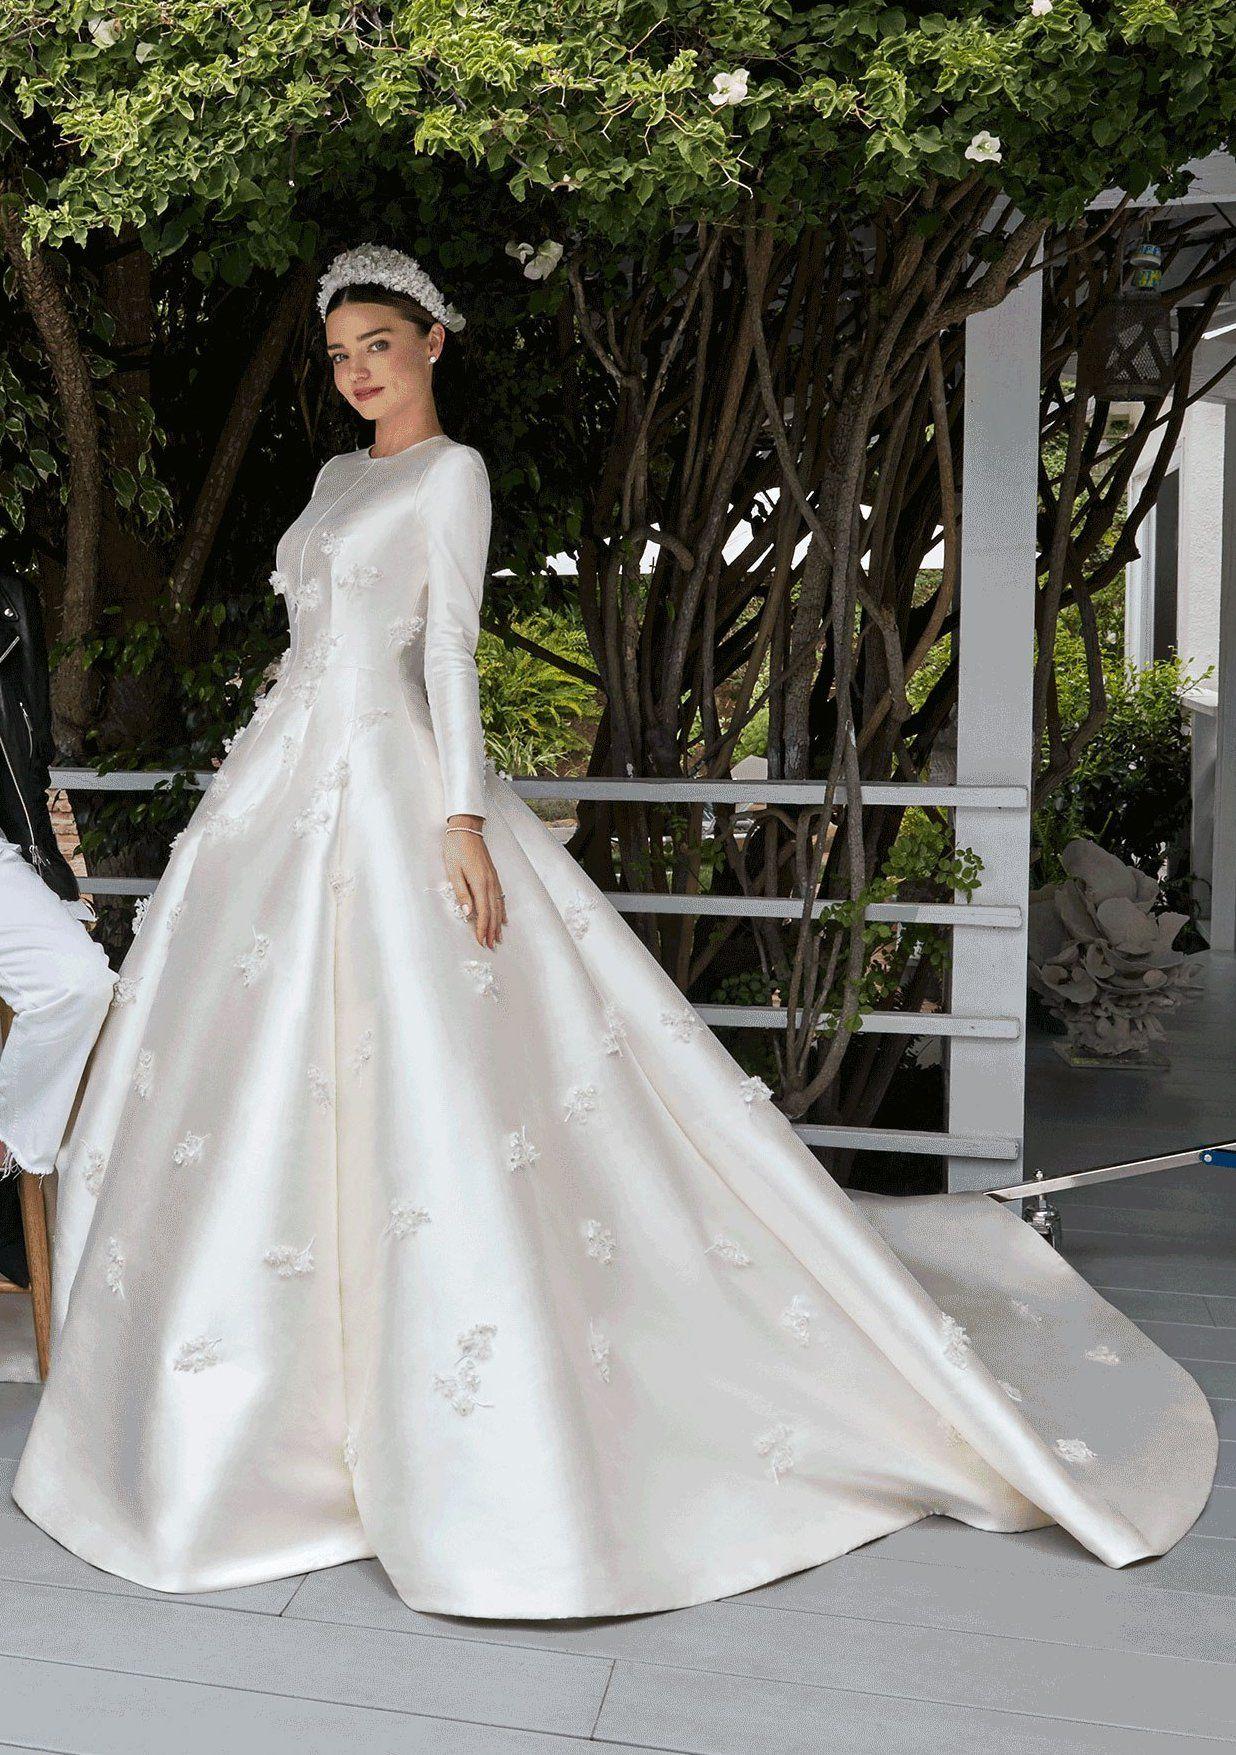 Famous wedding dresses  Miranda Kerr married Snapchat founder Evan Spiegel in July  in a